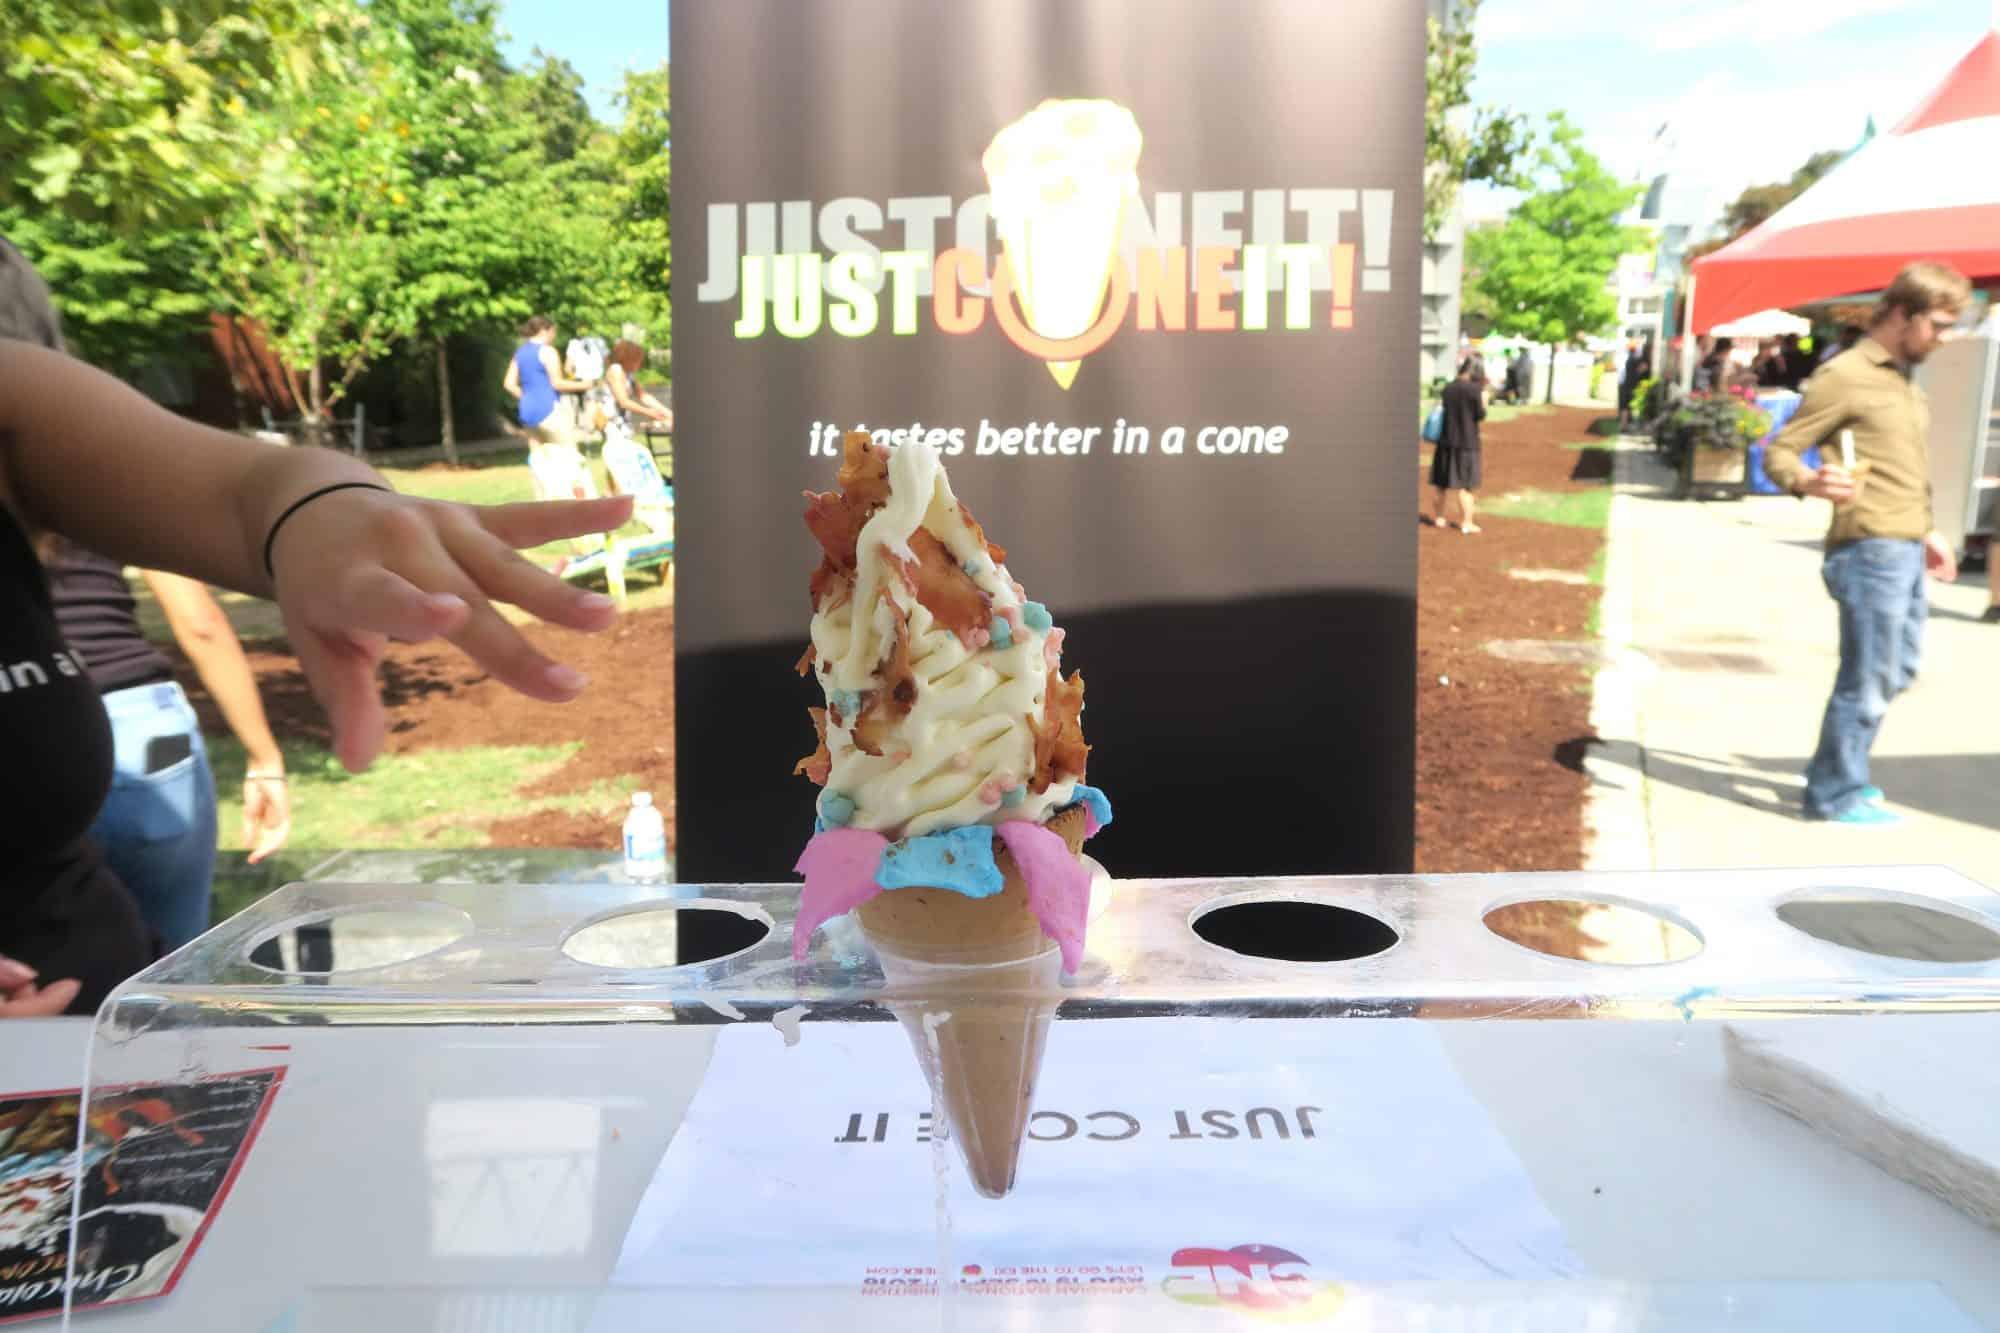 CNE Ice Cream